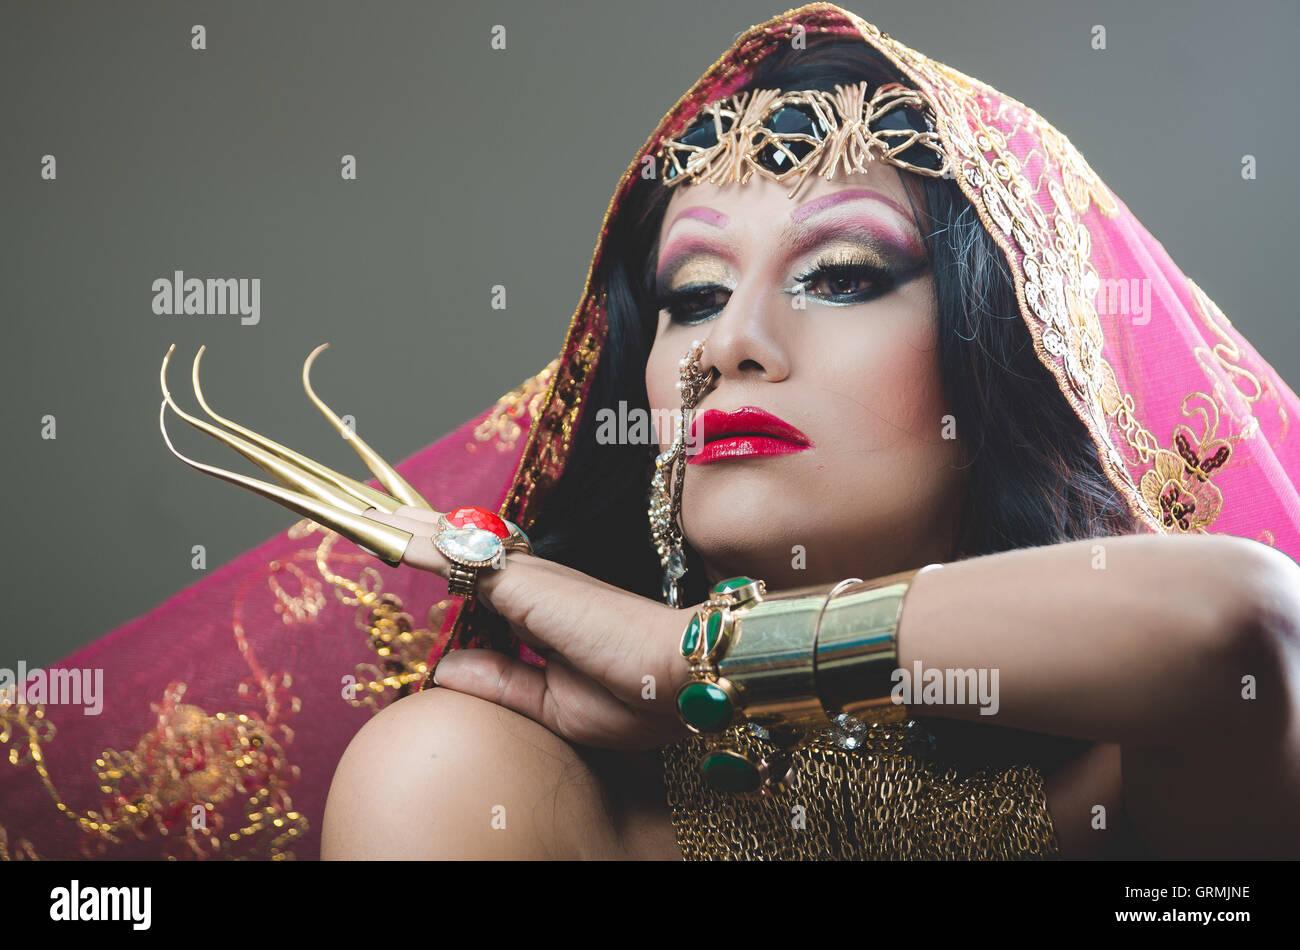 Kopfschuss Frau gekleidet in traditionellen hinduistischen Kleidung ...